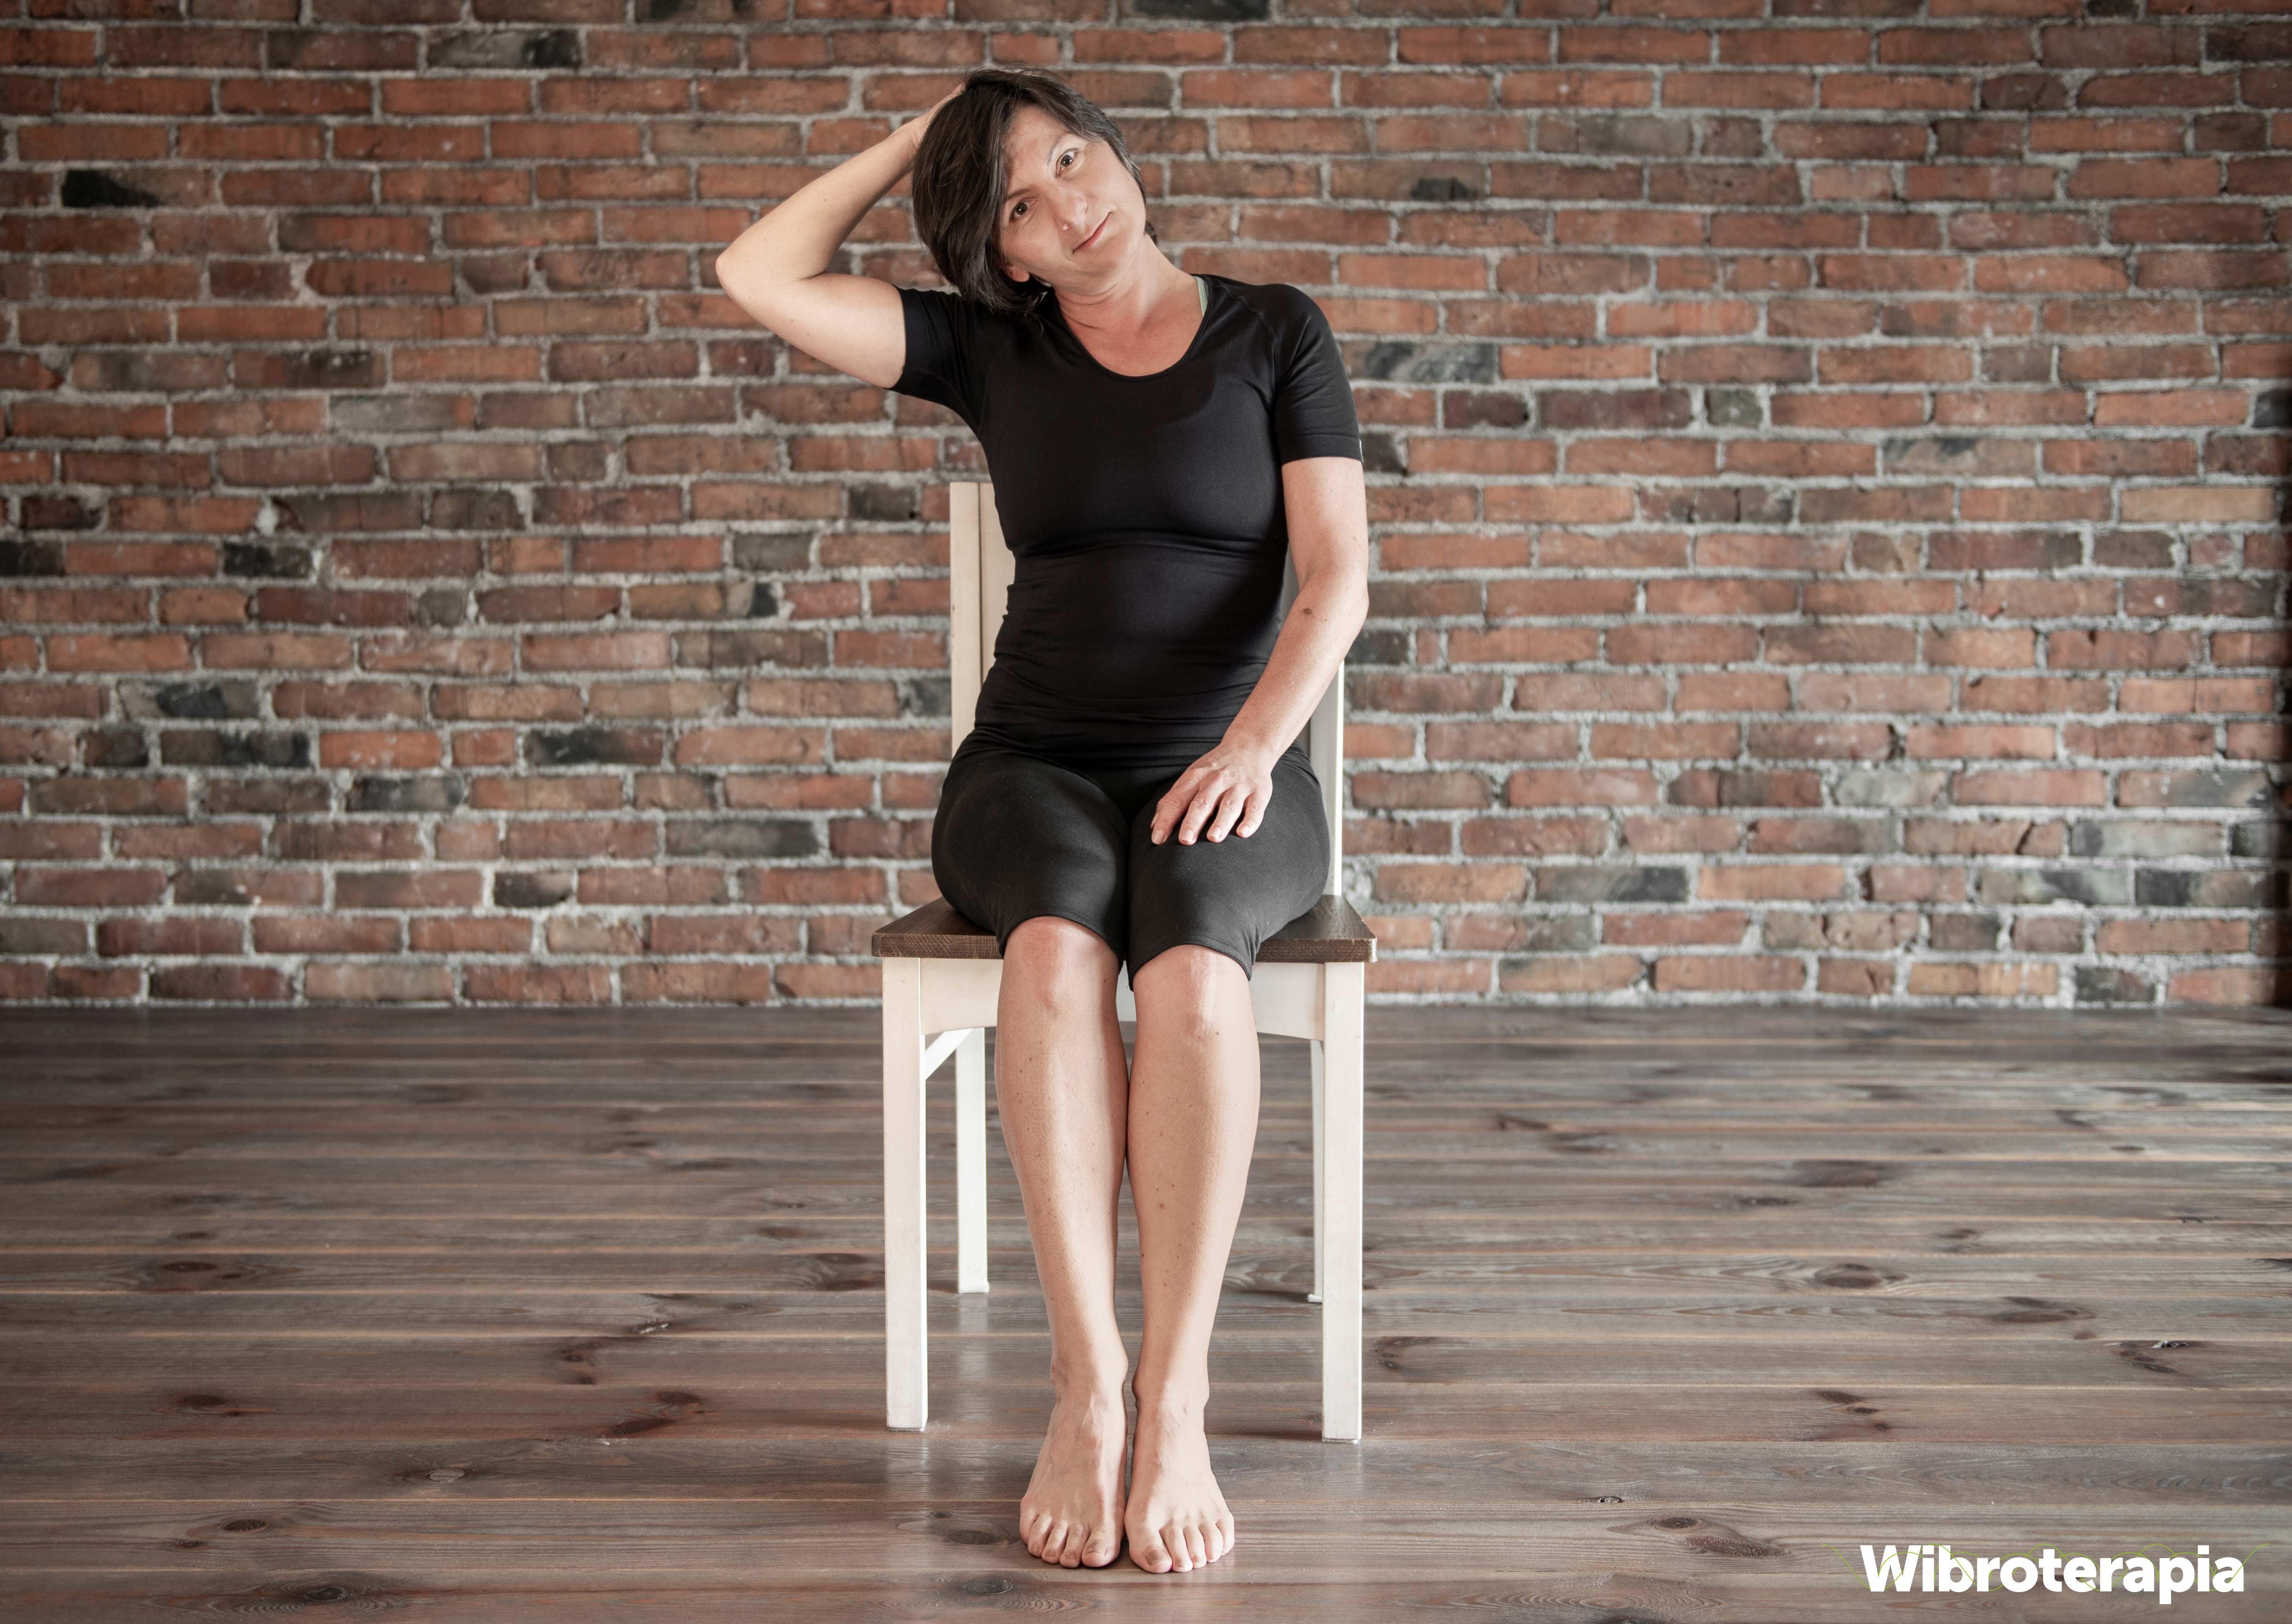 Ćwiczenia na ból szyi i karku - rozciąganie szyi w prawo